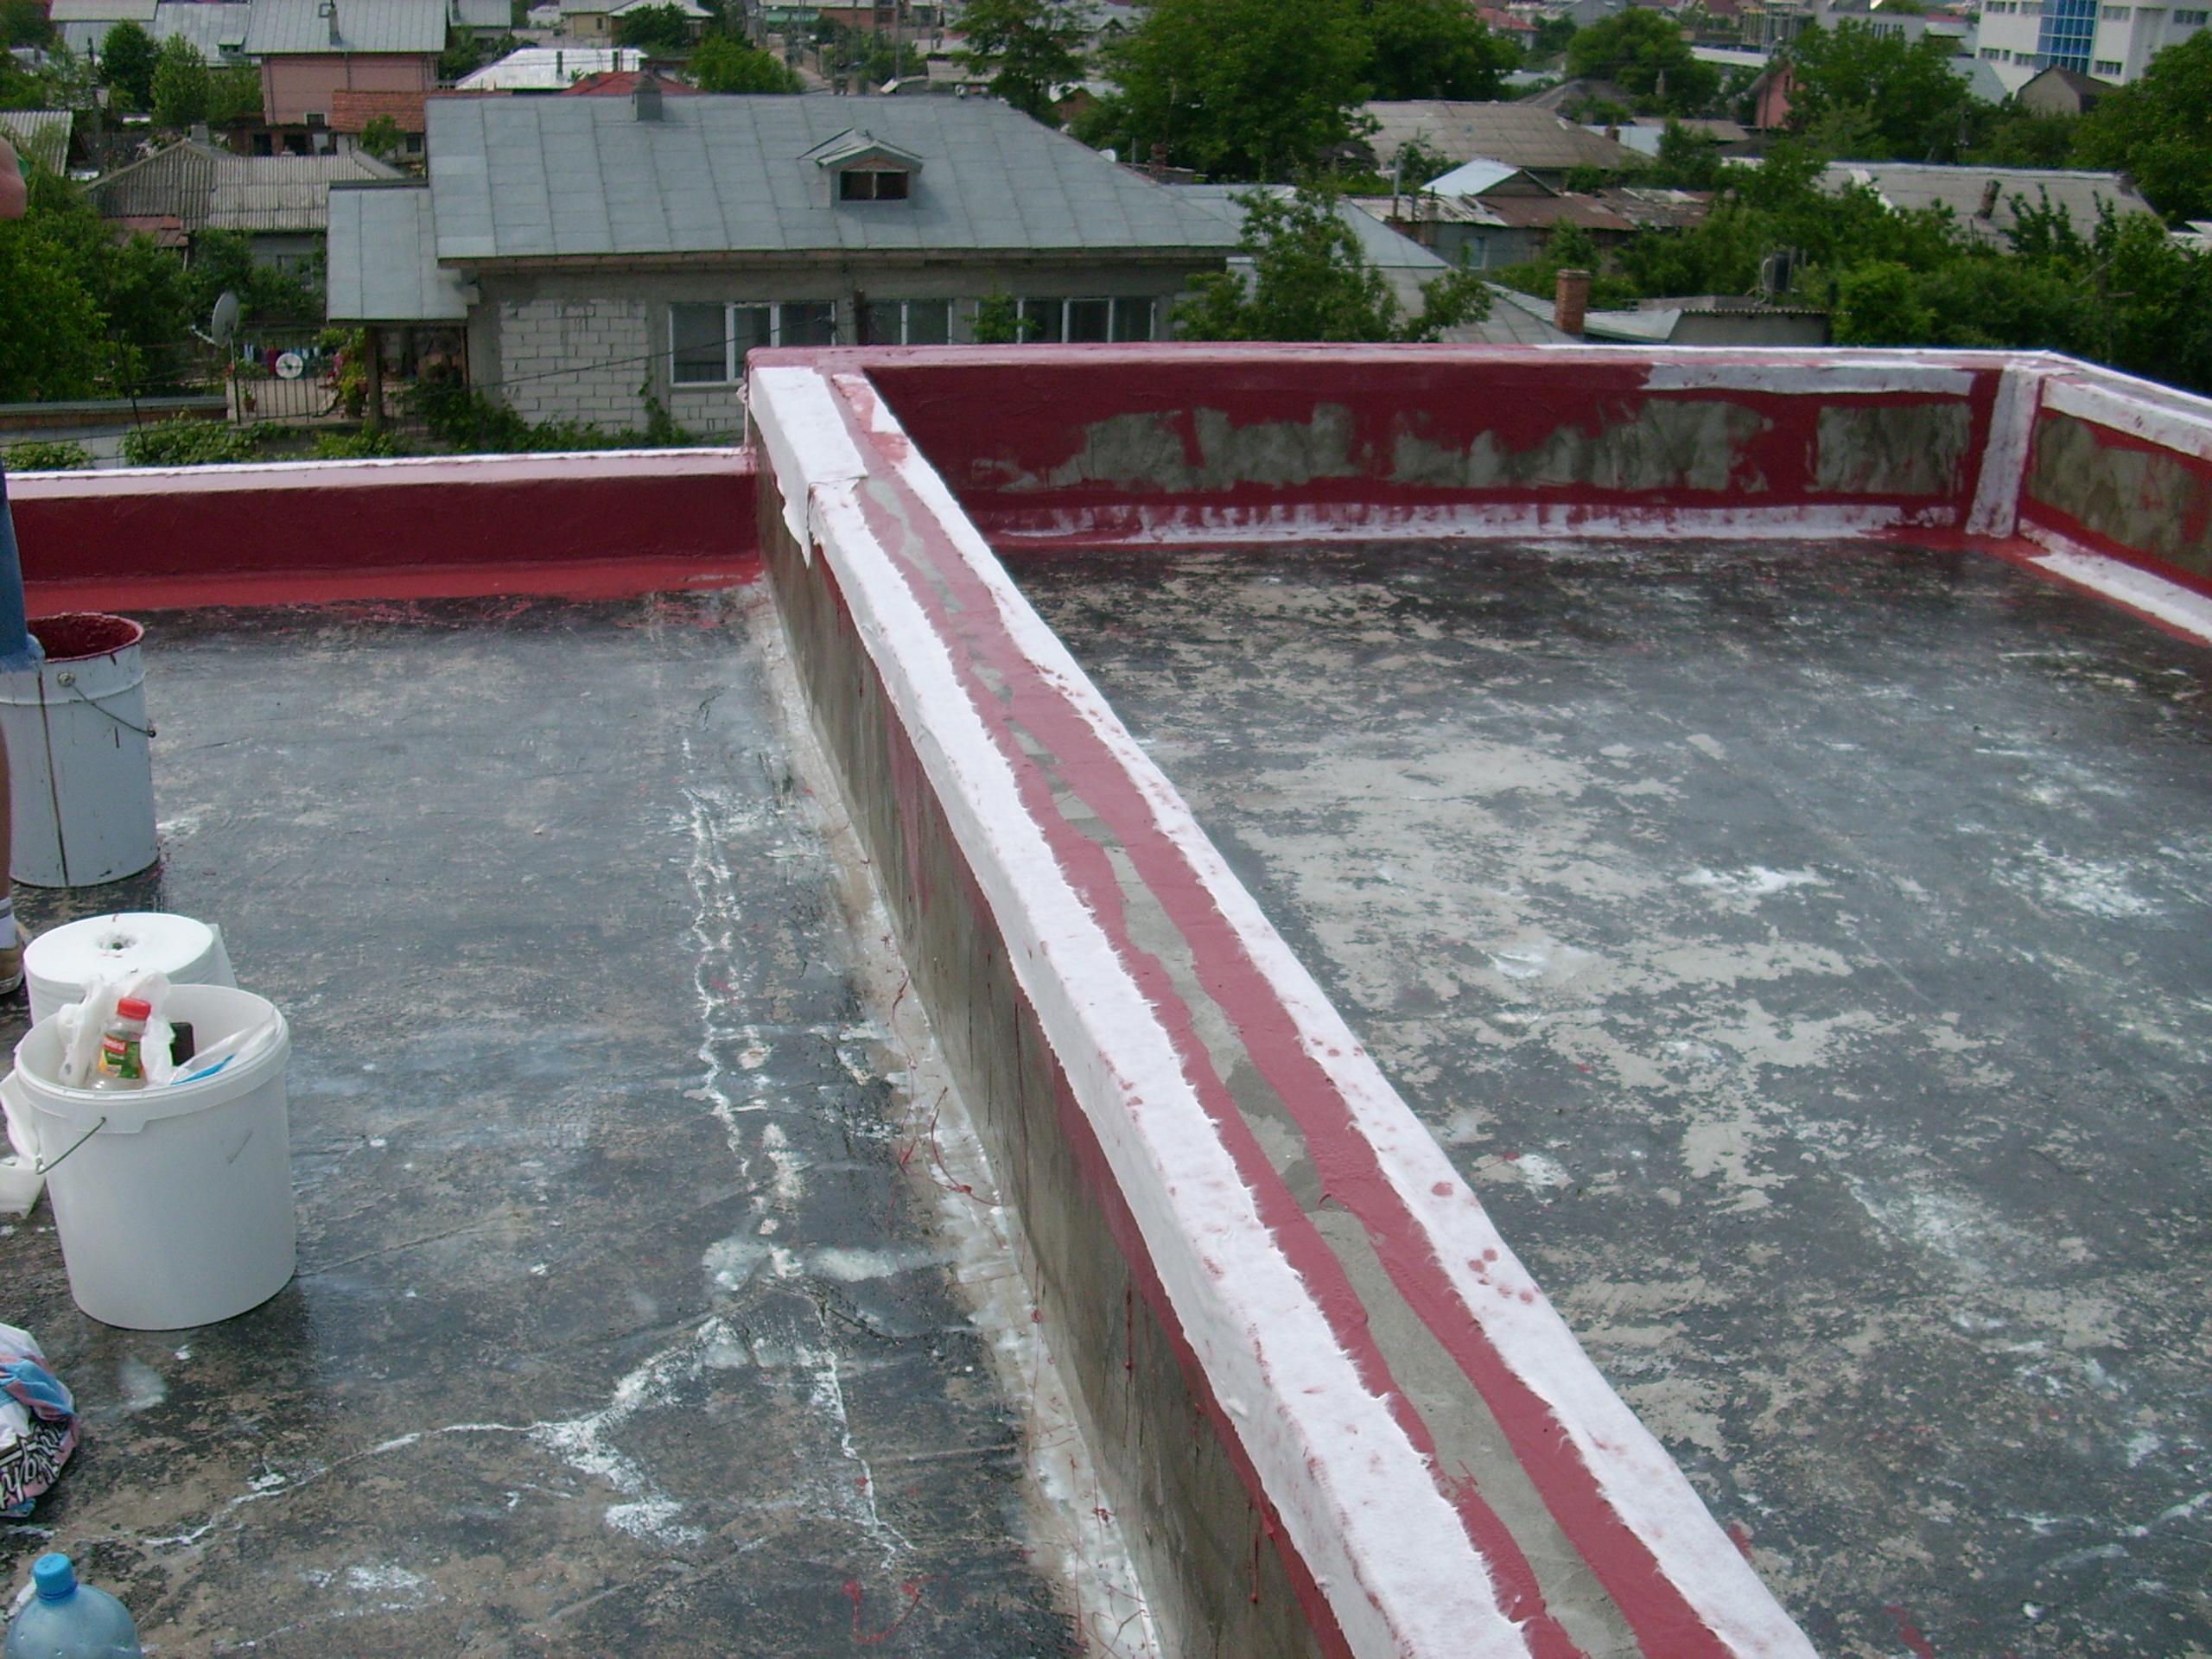 Aplicarea tratamentelor de impermeabilizare - Vila persoana privata - Pipera UNICO PROFIT - Poza 1